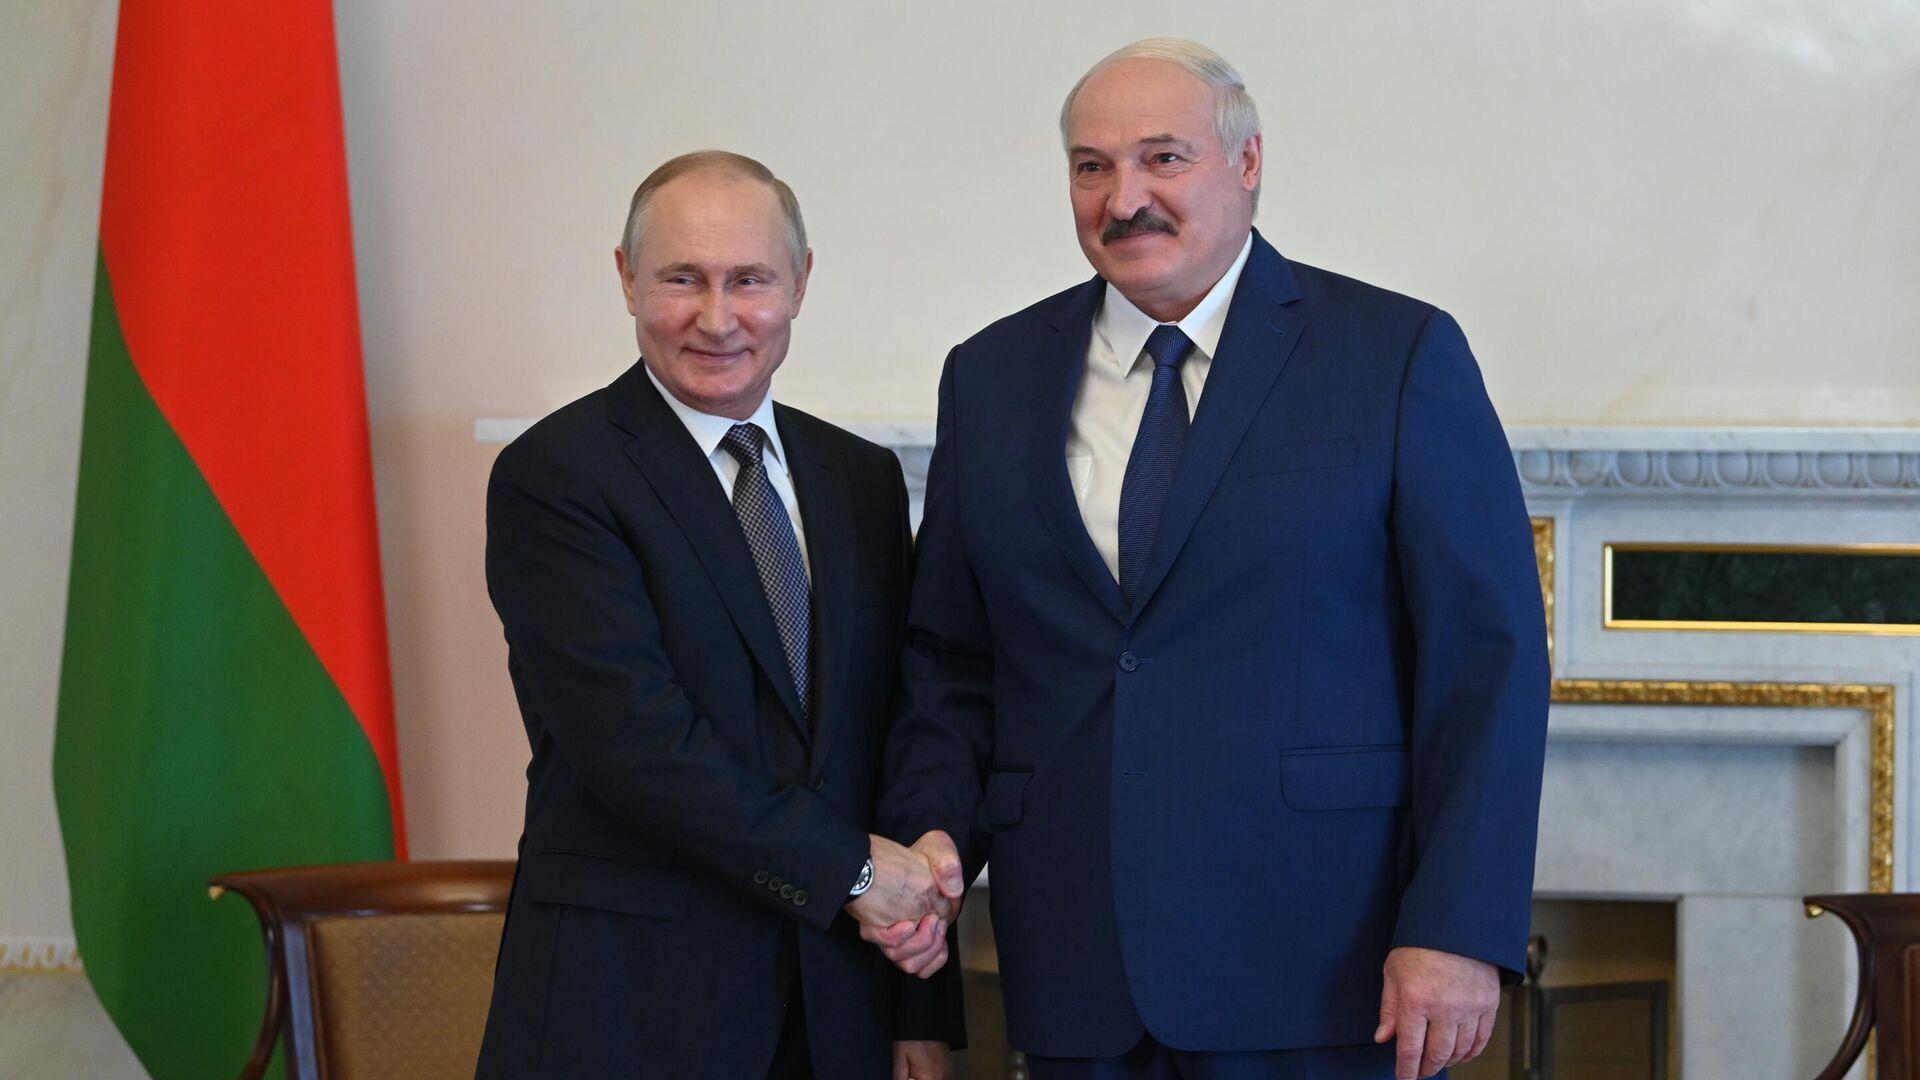 Путин рассказал, зачем пригласил Лукашенко в Москву